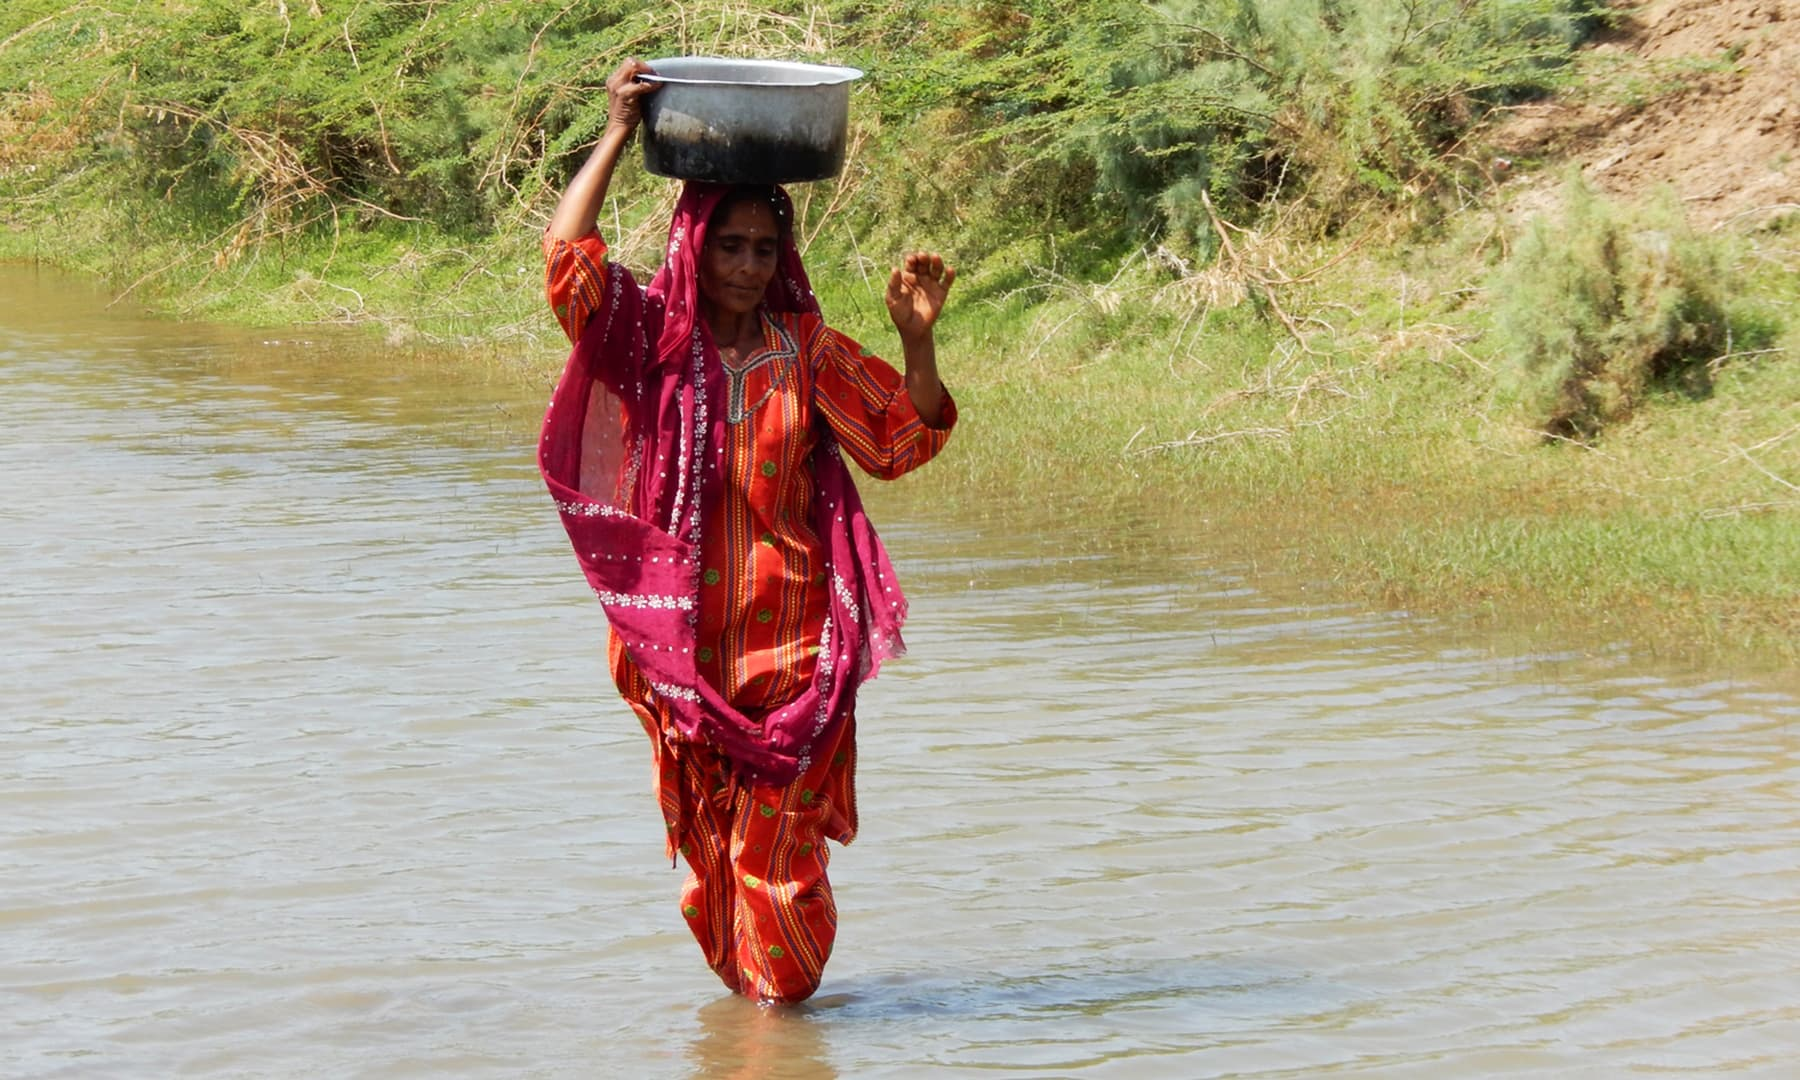 مائی قذبانو تالاب سے پانی بھر کر لا رہی ہے — تصویر ابوبکر شیخ